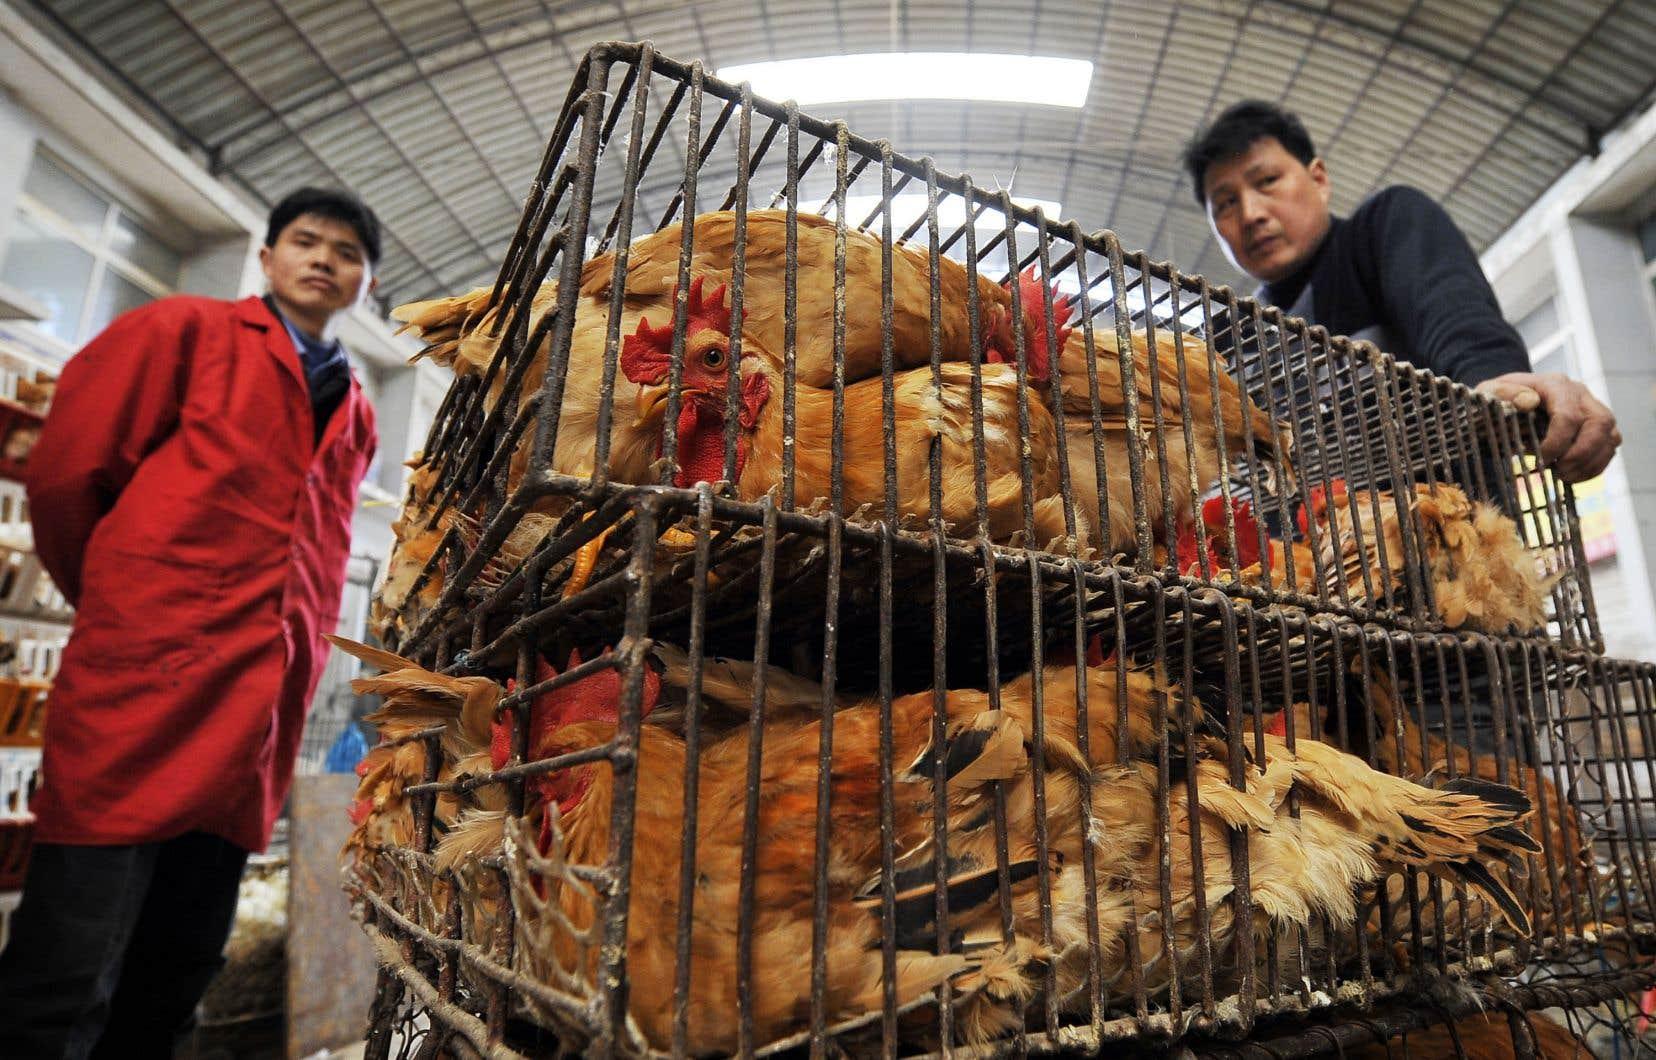 Le marché de Wuhan, en Chine